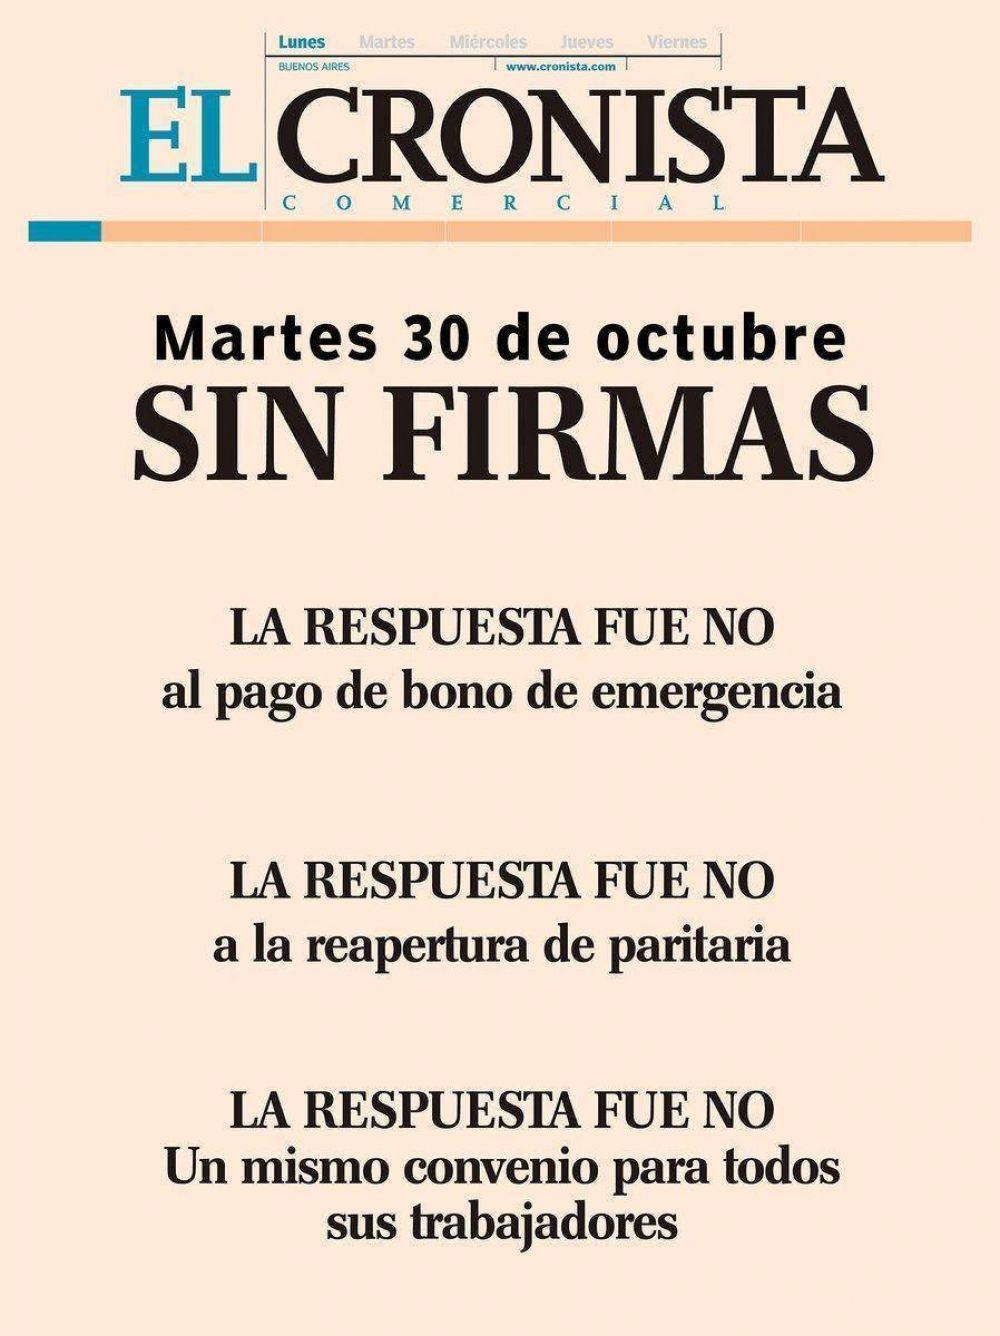 Por un conflicto salarial El Cronista se publicó sin las firmas de sus periodistas